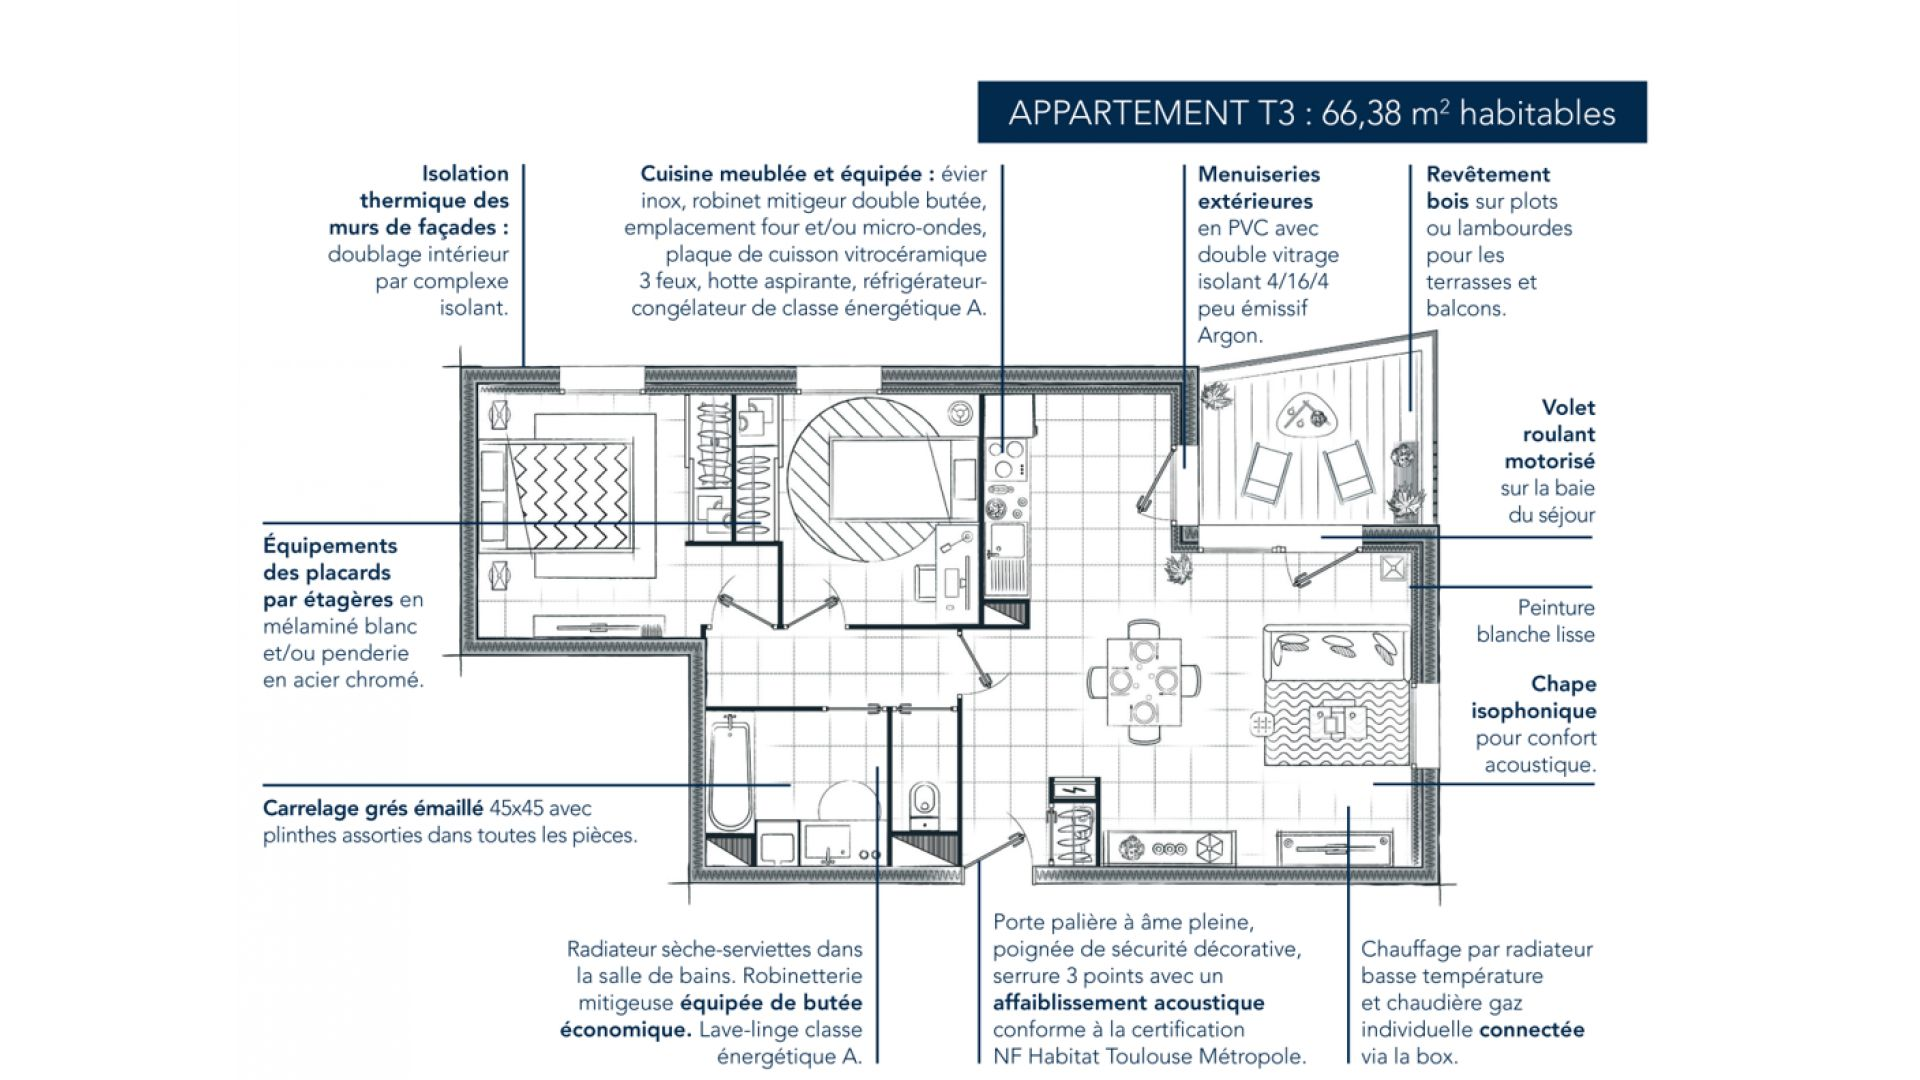 Greencity Immobilier - Résidence Parc du Vallon - 31200 Toulouse Pouvourville - a vendre appartements du T2 au T5 - plan appartement